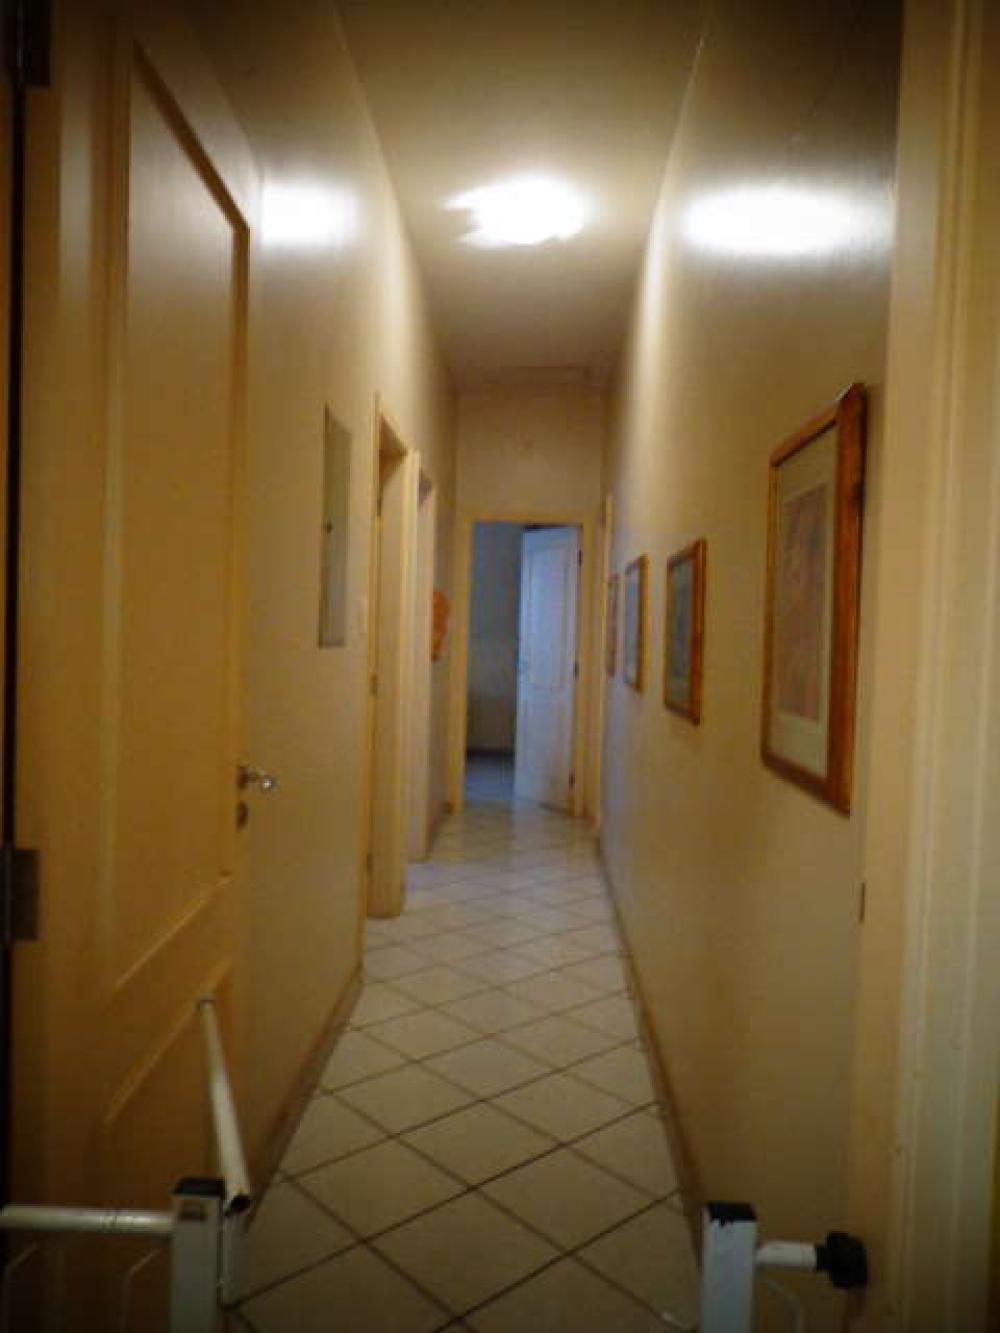 Comprar Casa / Padrão em São José do Rio Preto apenas R$ 850.000,00 - Foto 2